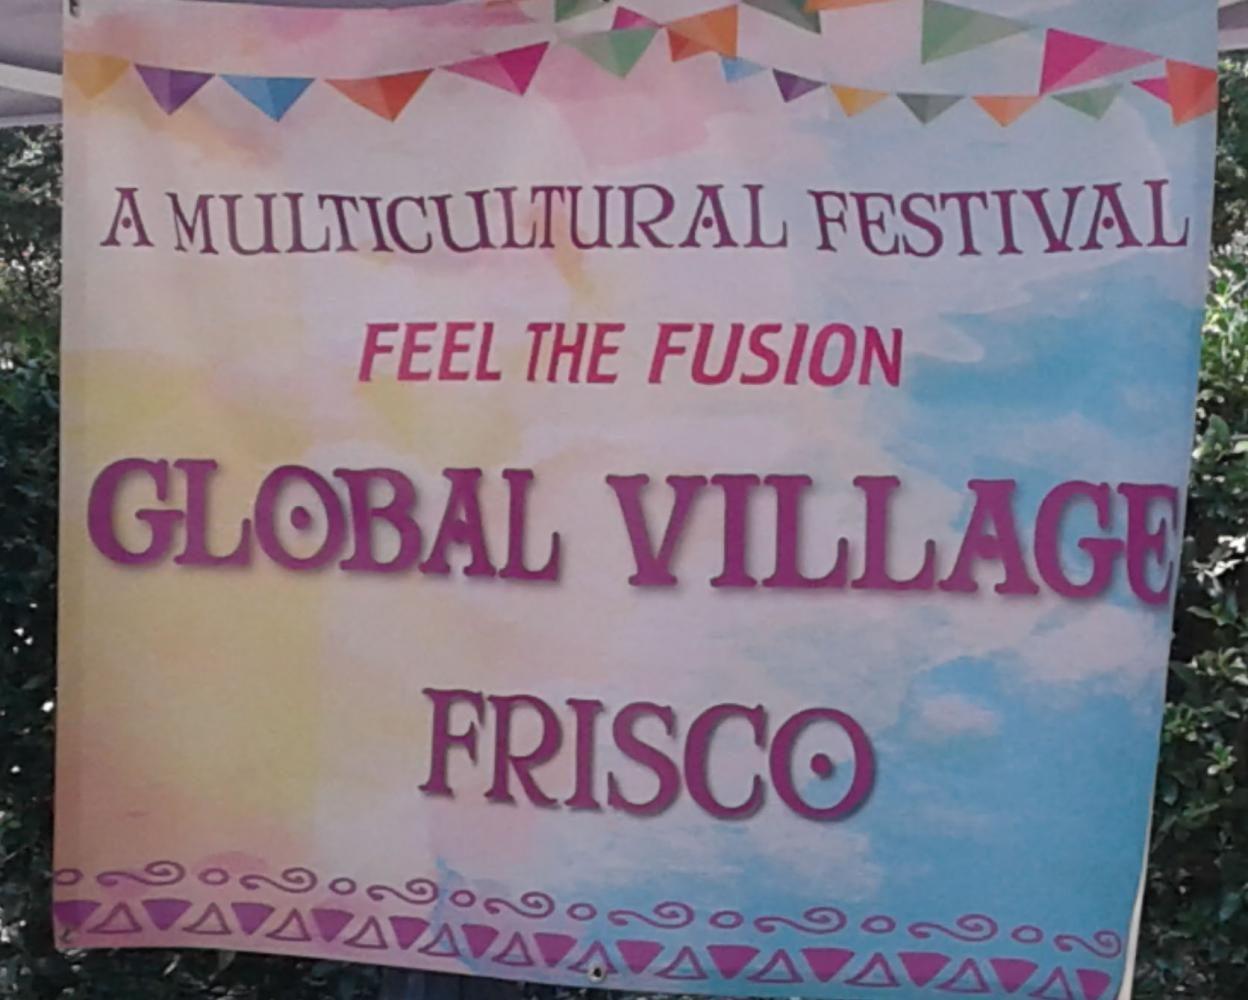 Global+Village